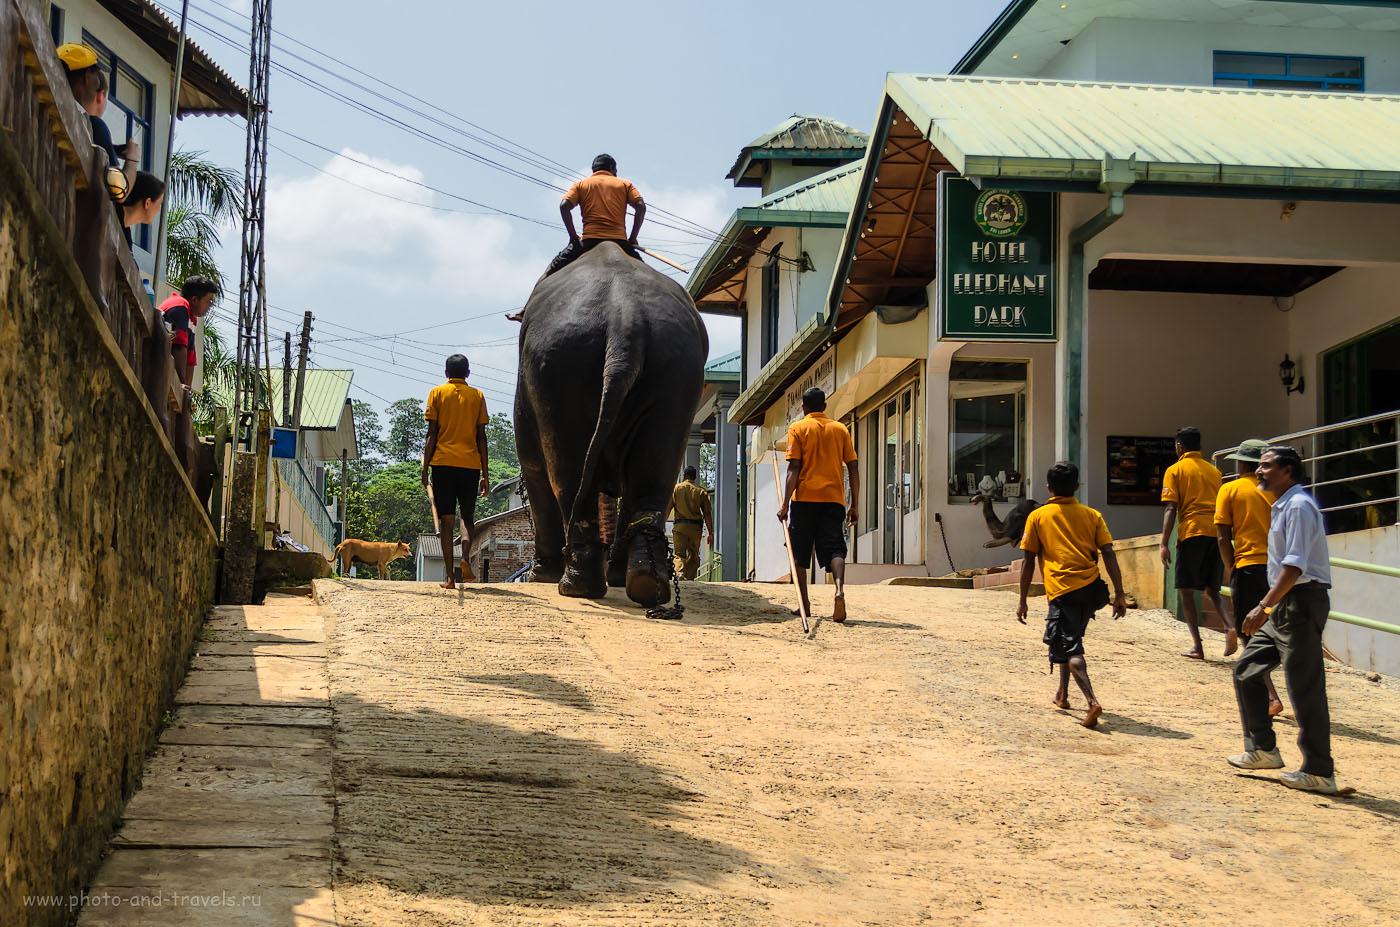 Фотография 11. Я же говорил, что черный слон - живой! В приюте Pinnawela Elephant Orphanage за слониками заботятся! Отчет о поездке по Шри-Ланке на арендованной машине в мае. Отзывы туристов